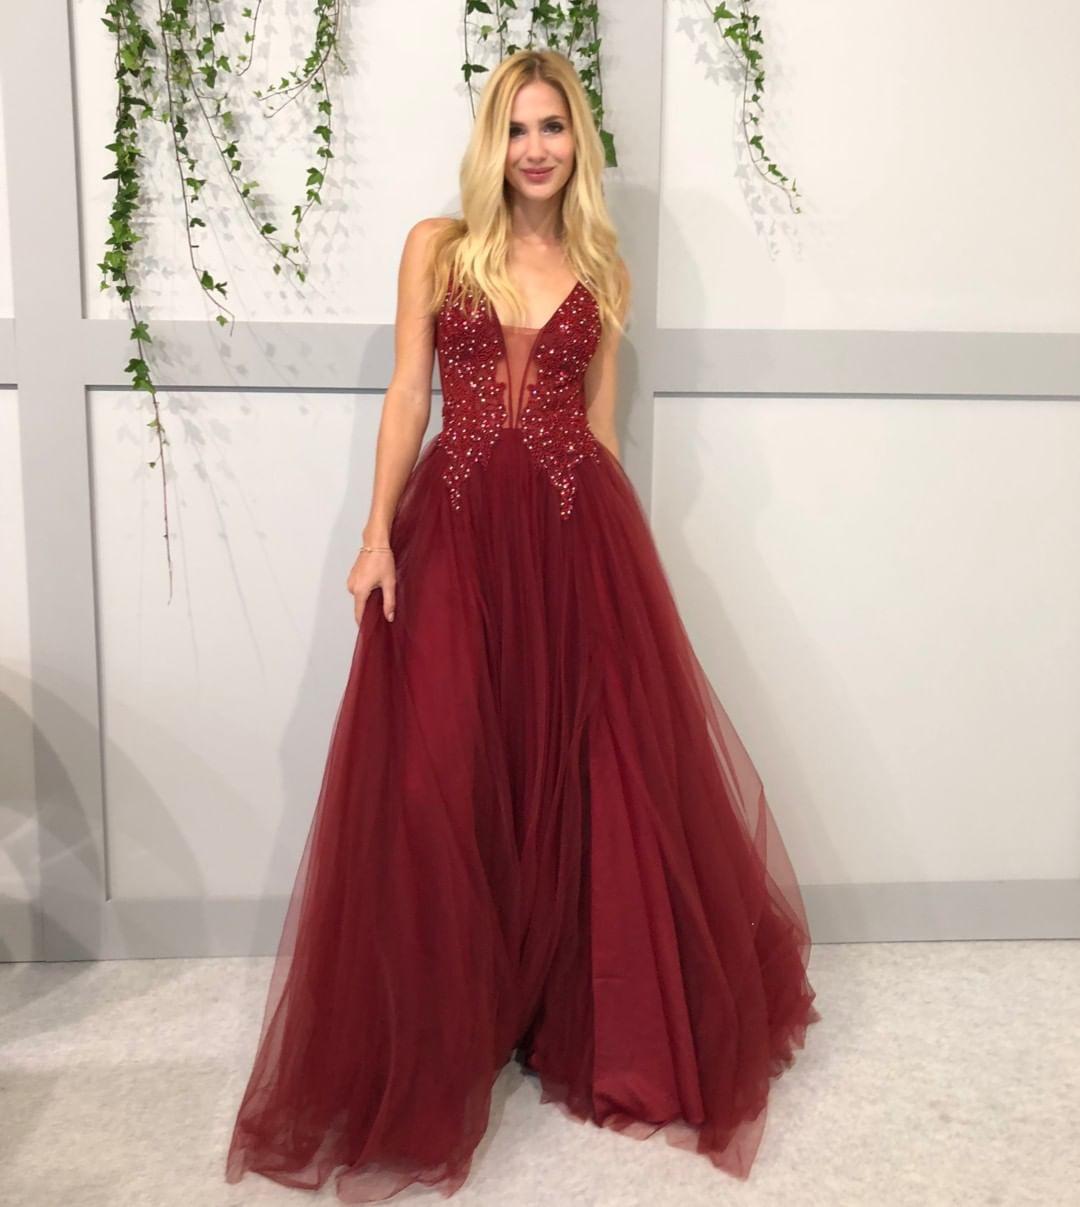 20 Schön Abend Kleider In Rot StylishAbend Genial Abend Kleider In Rot für 2019